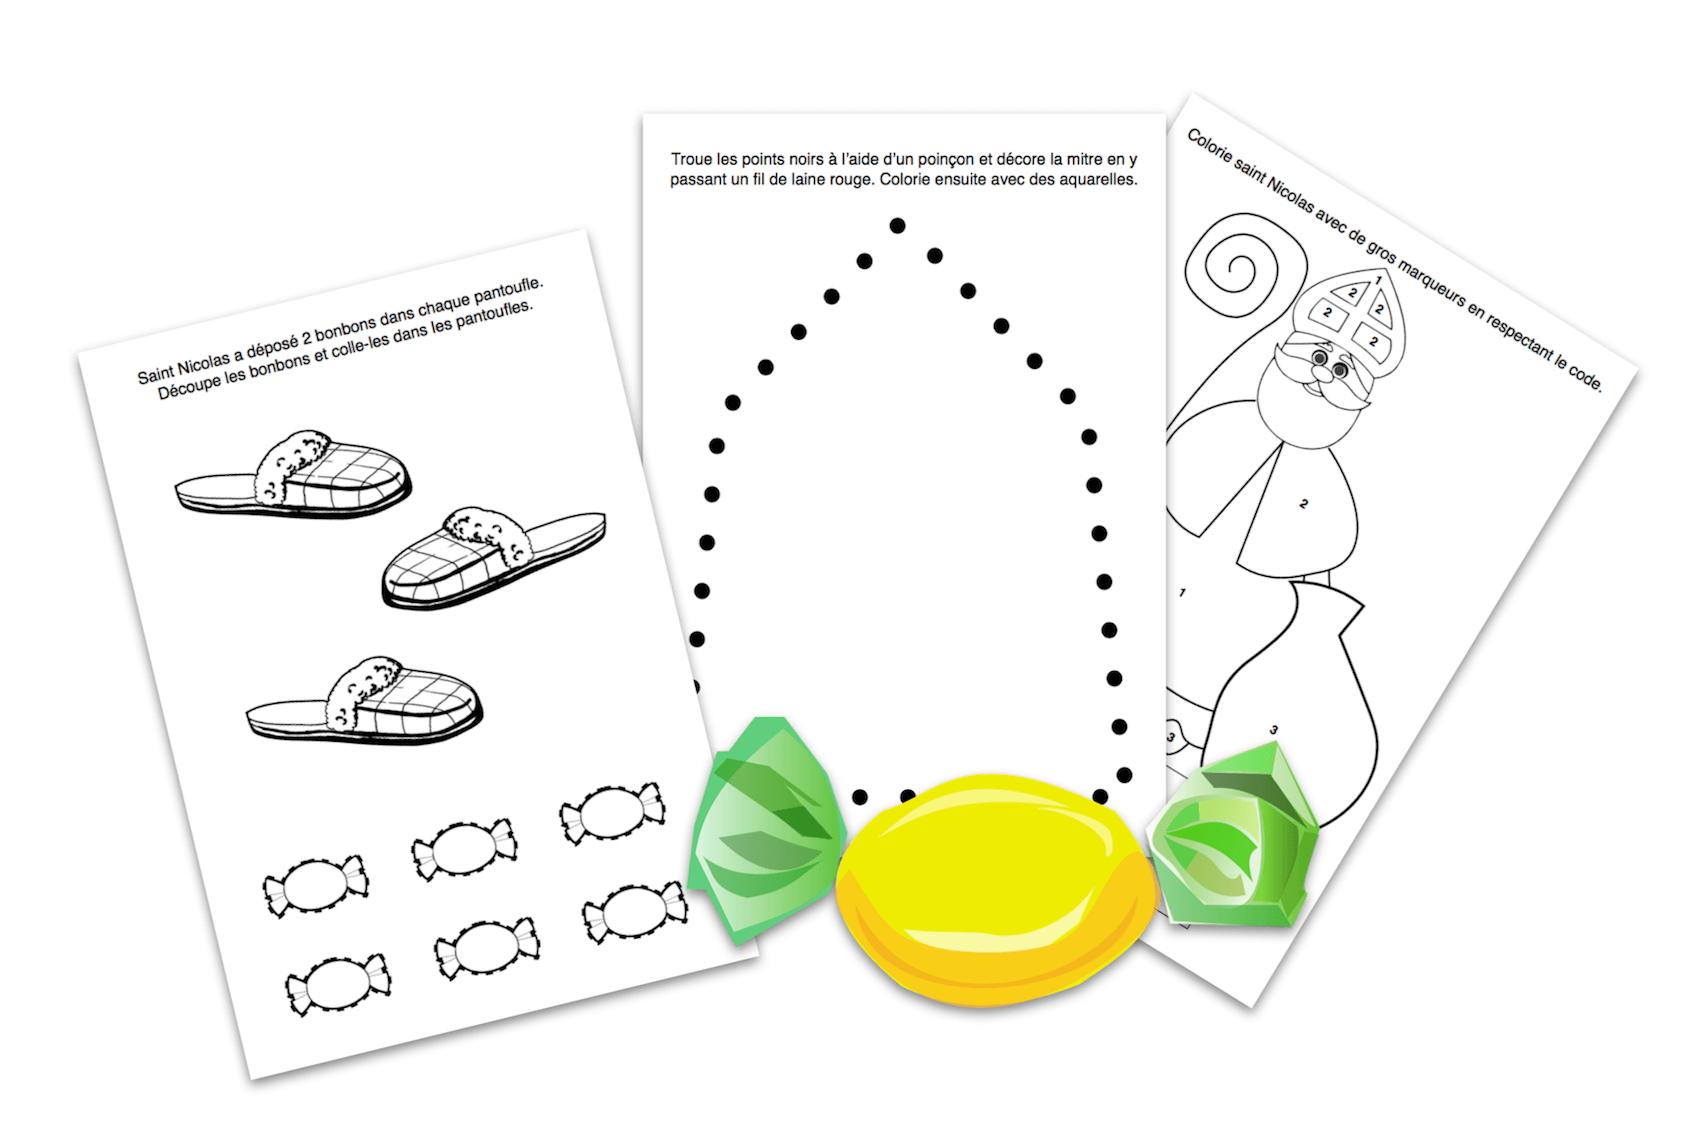 Didactécole - Exercices Pour La Classe Maternelle dedans Exercices Moyenne Section Maternelle Pdf